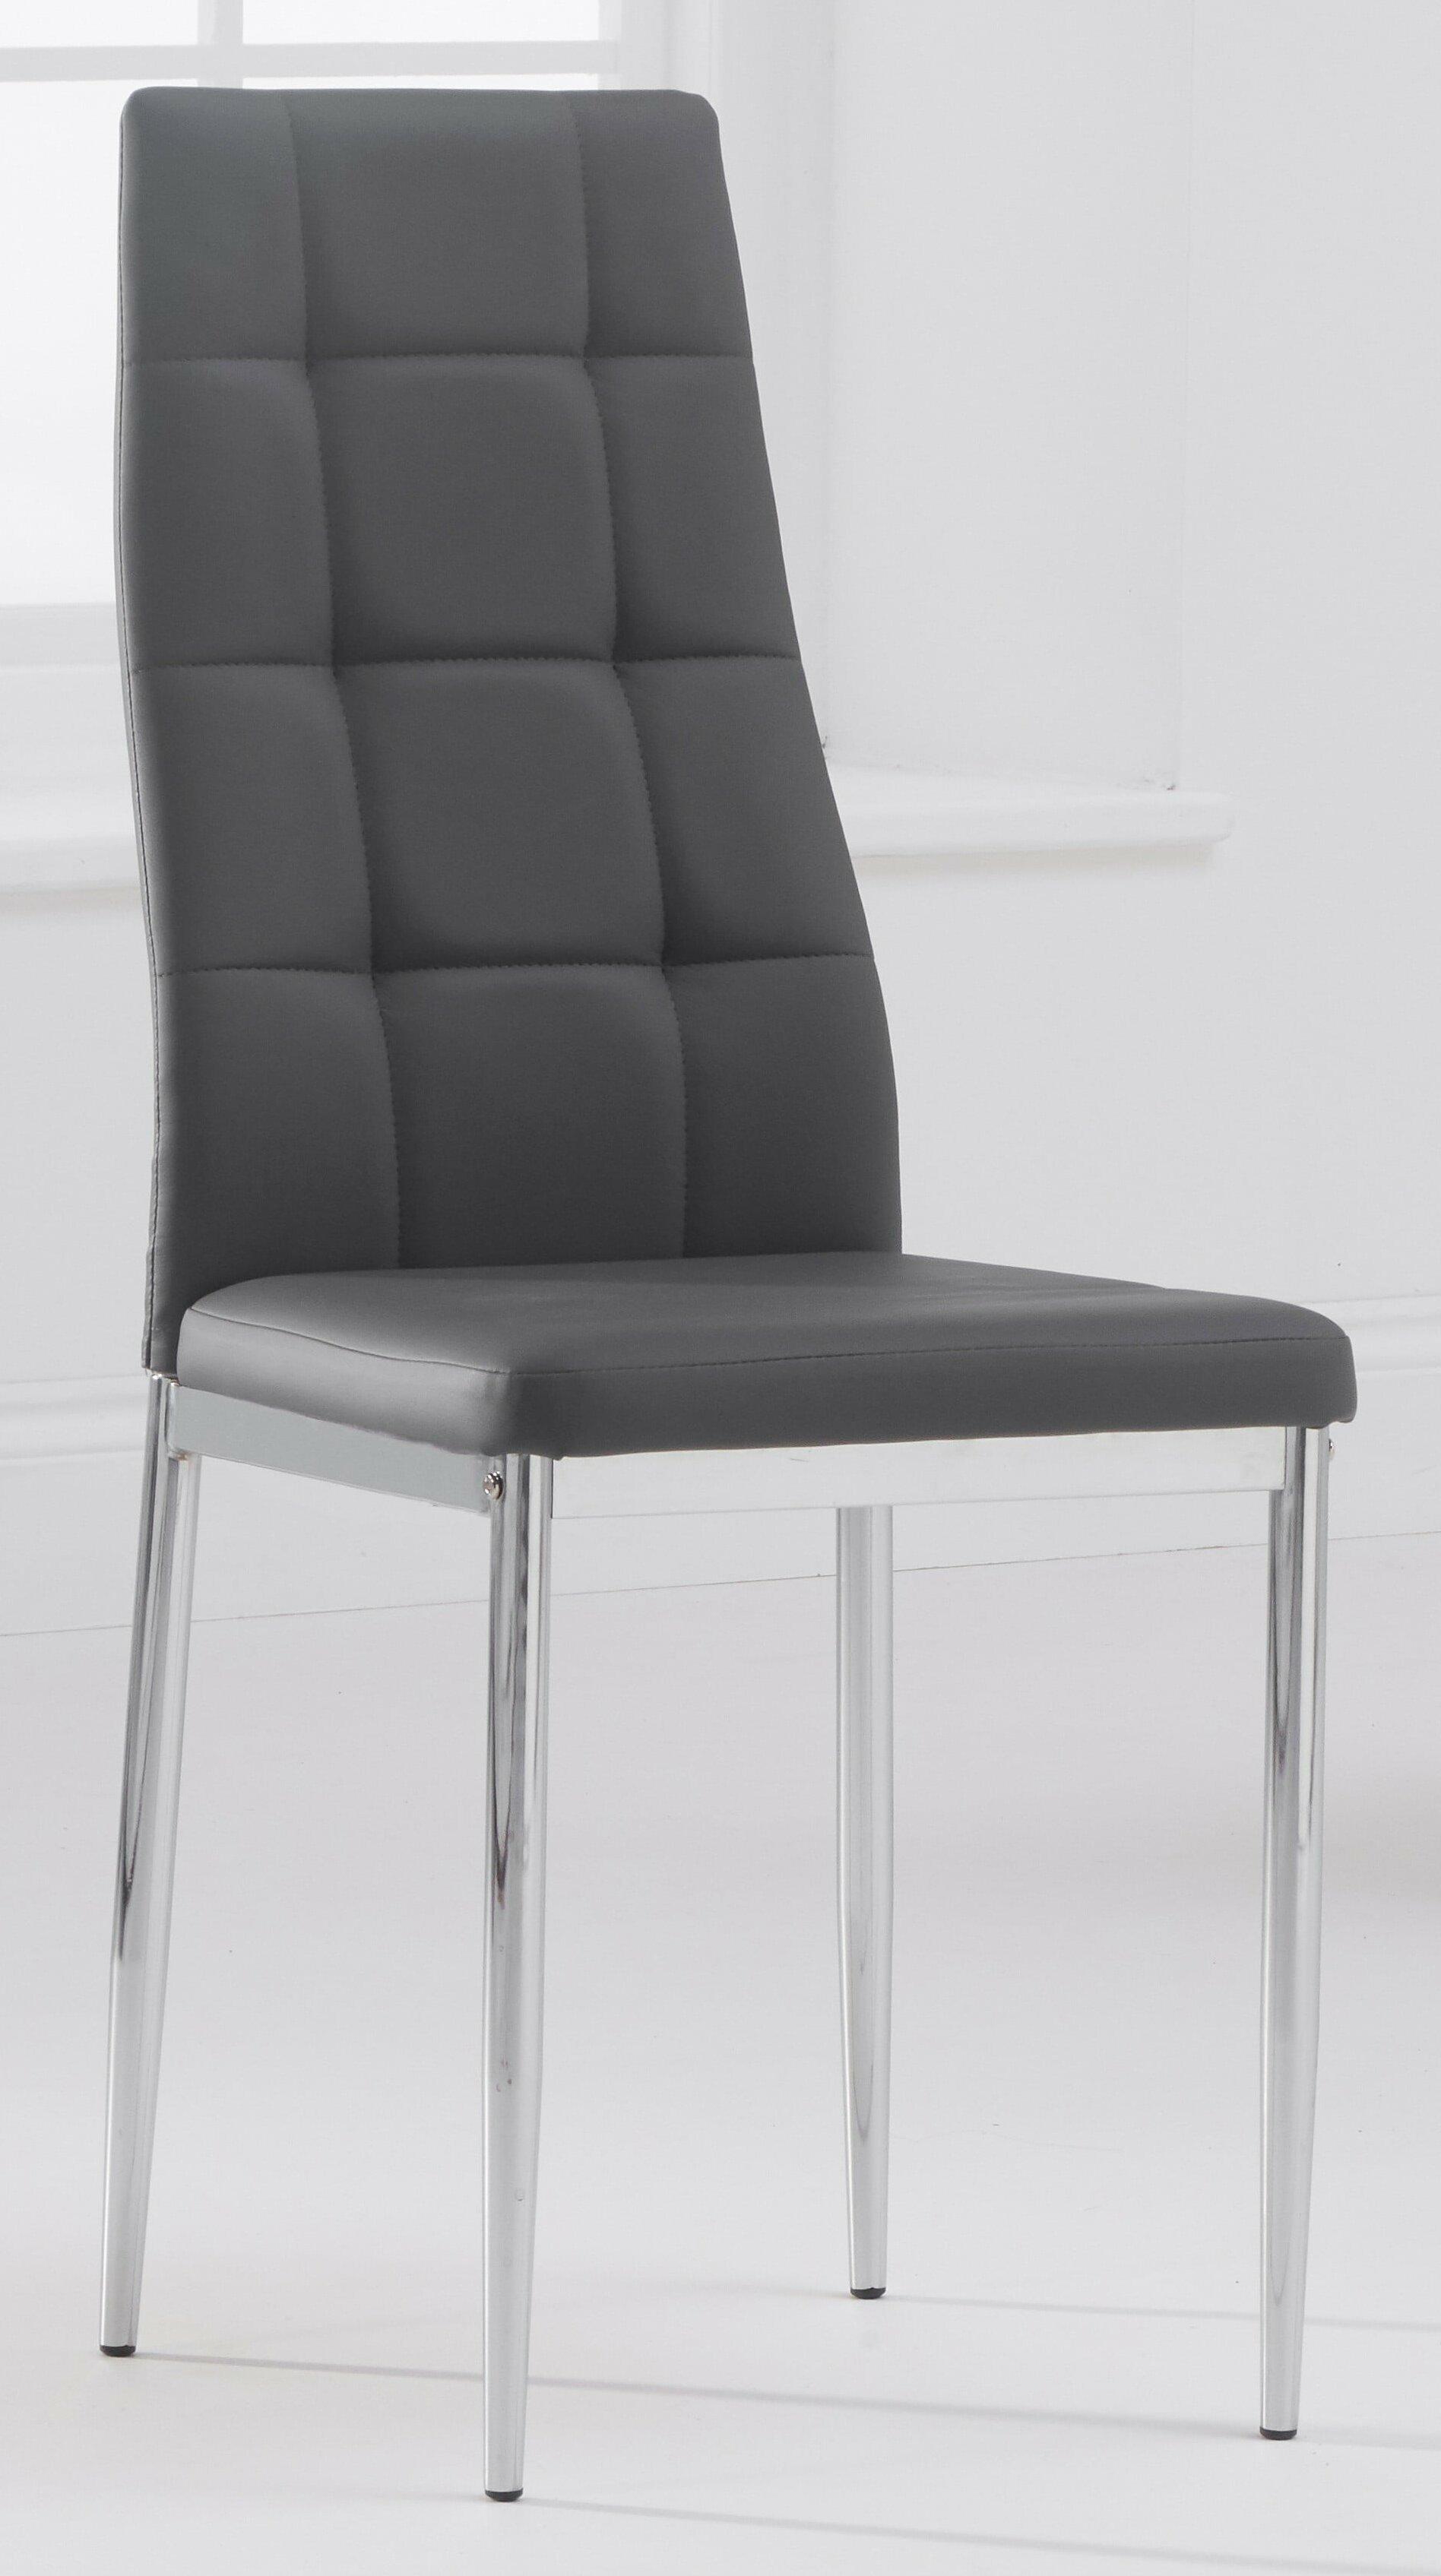 Metro Lane Astorga Upholstered Dining Chair Wayfair Co Uk